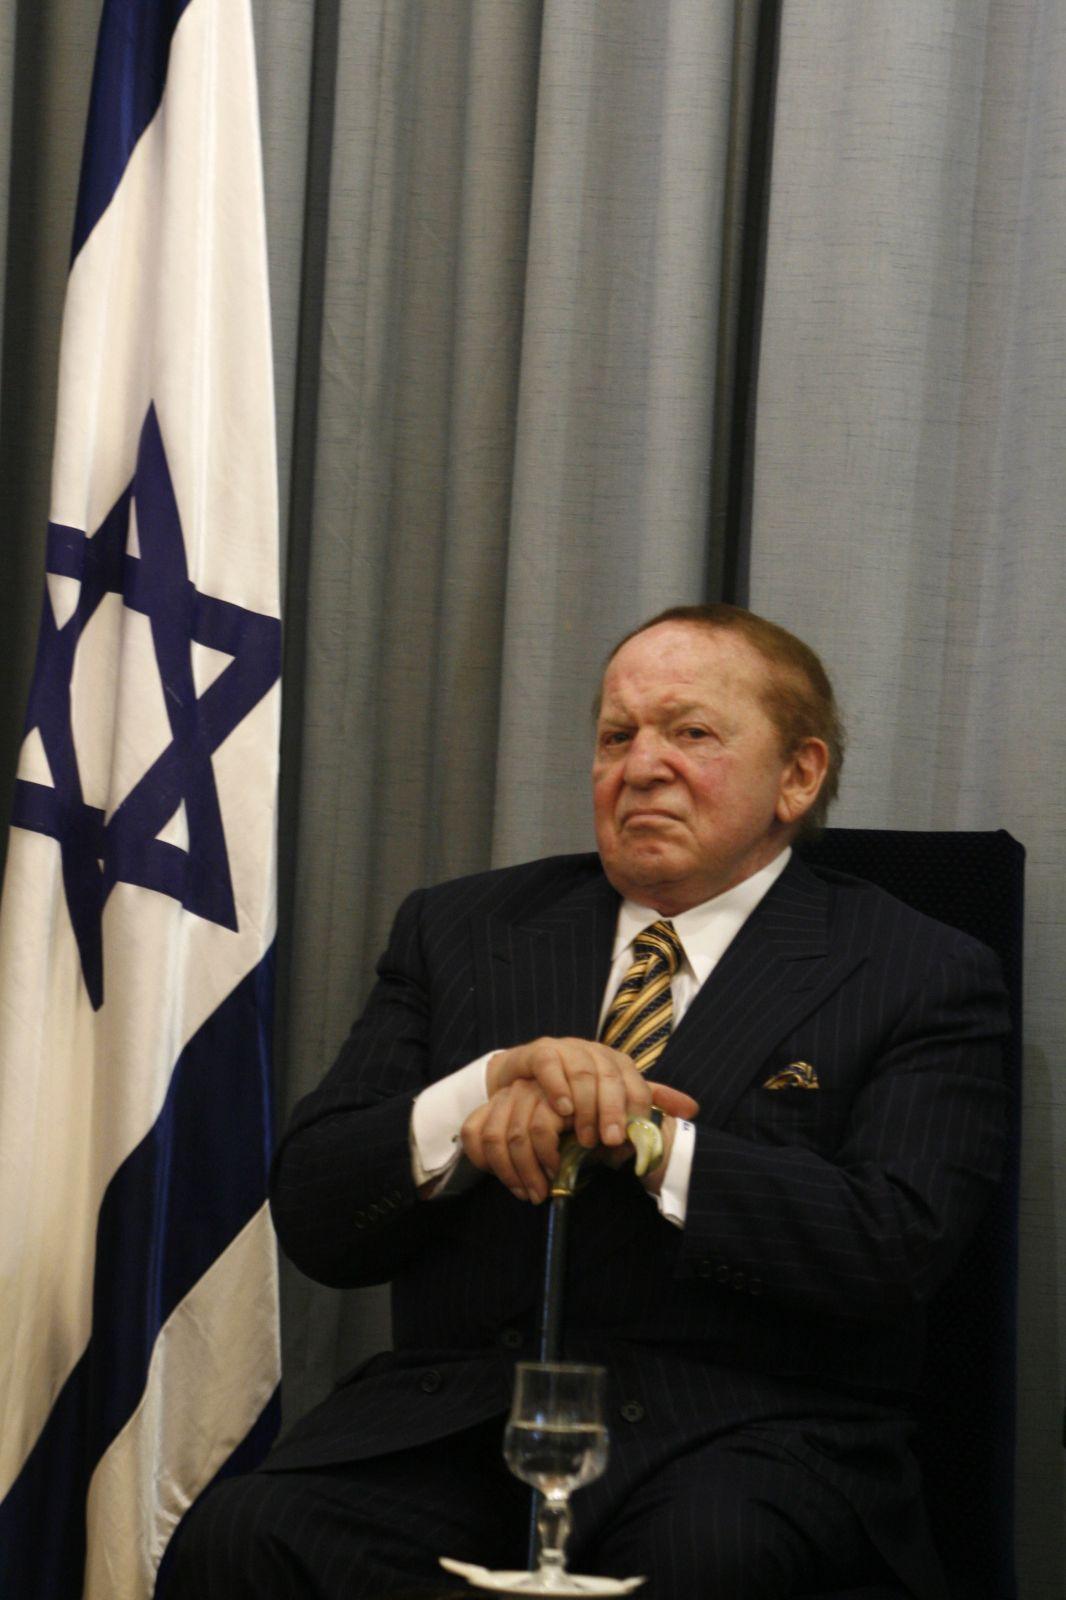 """מו""""ל ומייסד """"ישראל היום"""", שלדון אדלסון. בית הנשיא, 2007 (צילום: אוליביה פיטוסי)"""